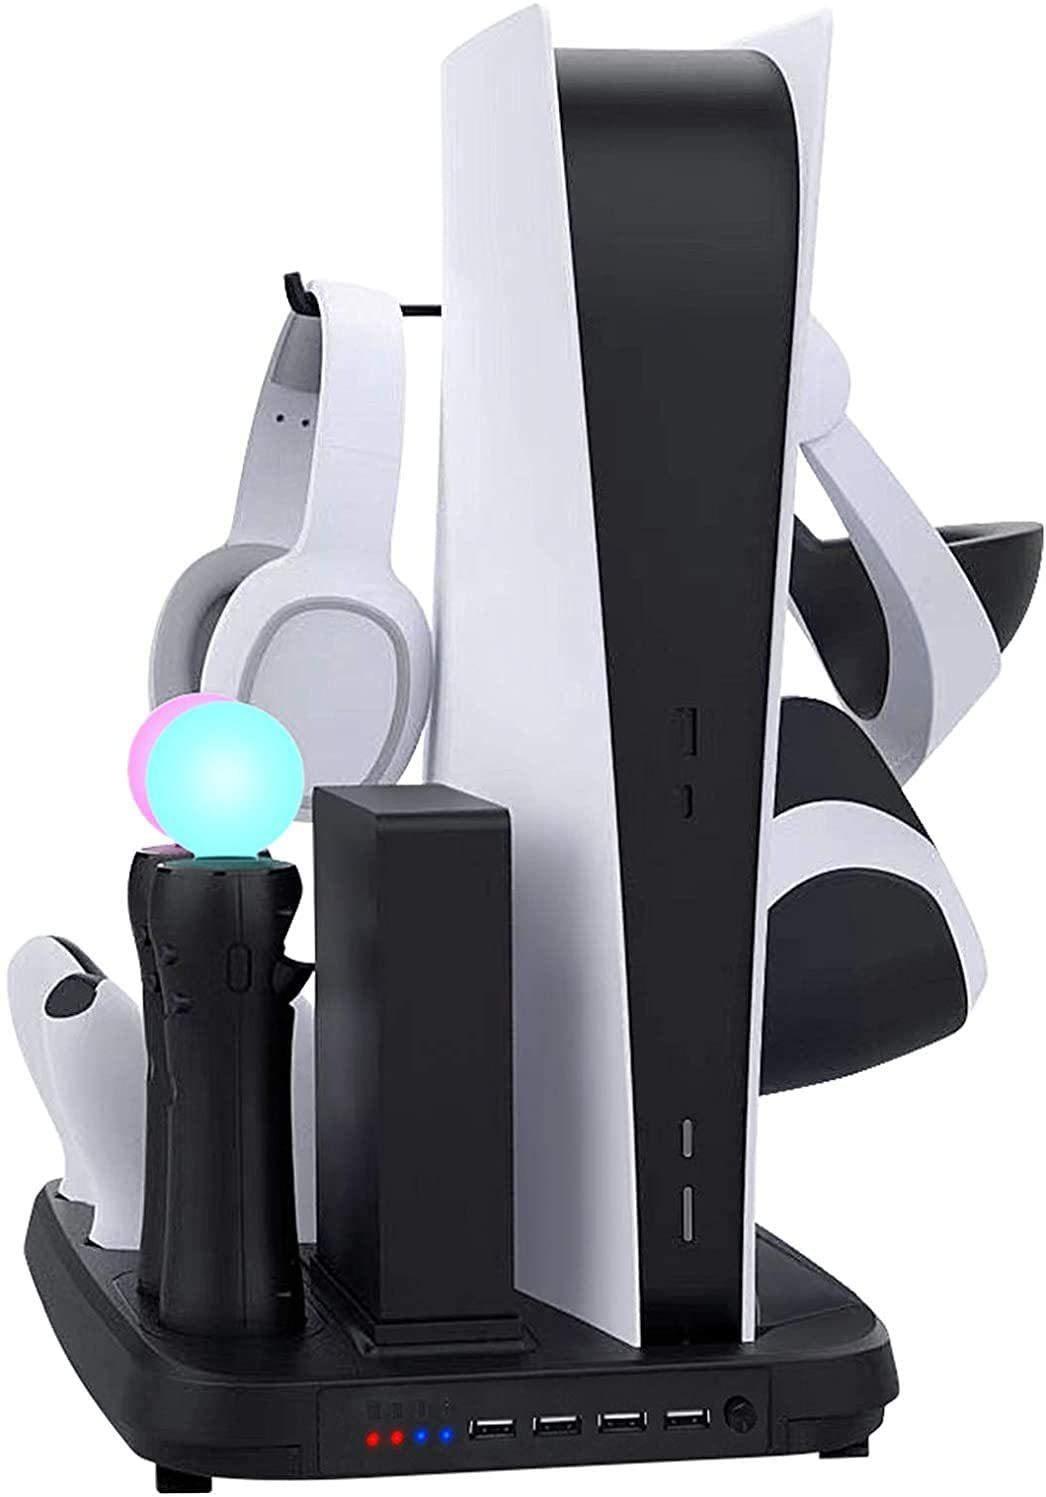 [해외] FIFILION [2021 년 신형] PS5 PSVR 수직 스탠드 PS5 컨트롤러와 PLAYSTATION MOVE 충전기 VR 헤드셋 헤드폰 헤드 마운트 디스플레이 배고픔 게임 소